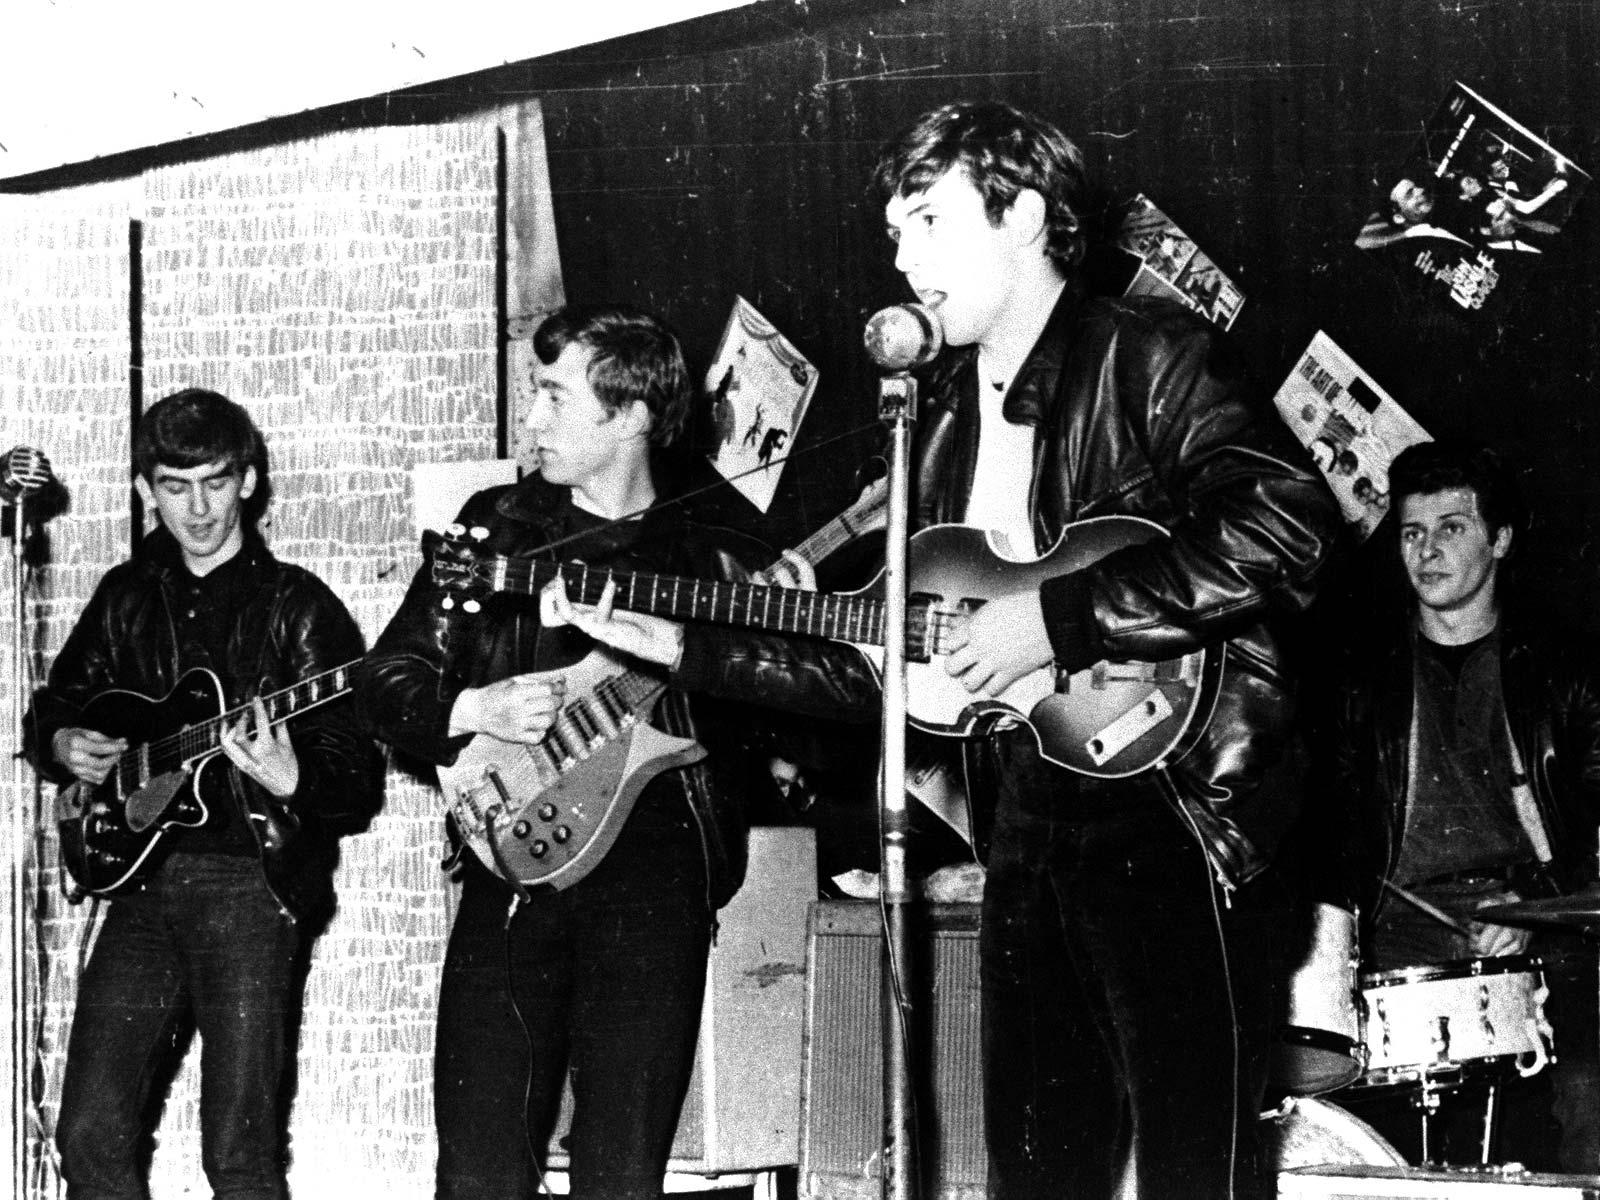 Early-Beatles-the-beatles-32228670-1600-1200.jpg